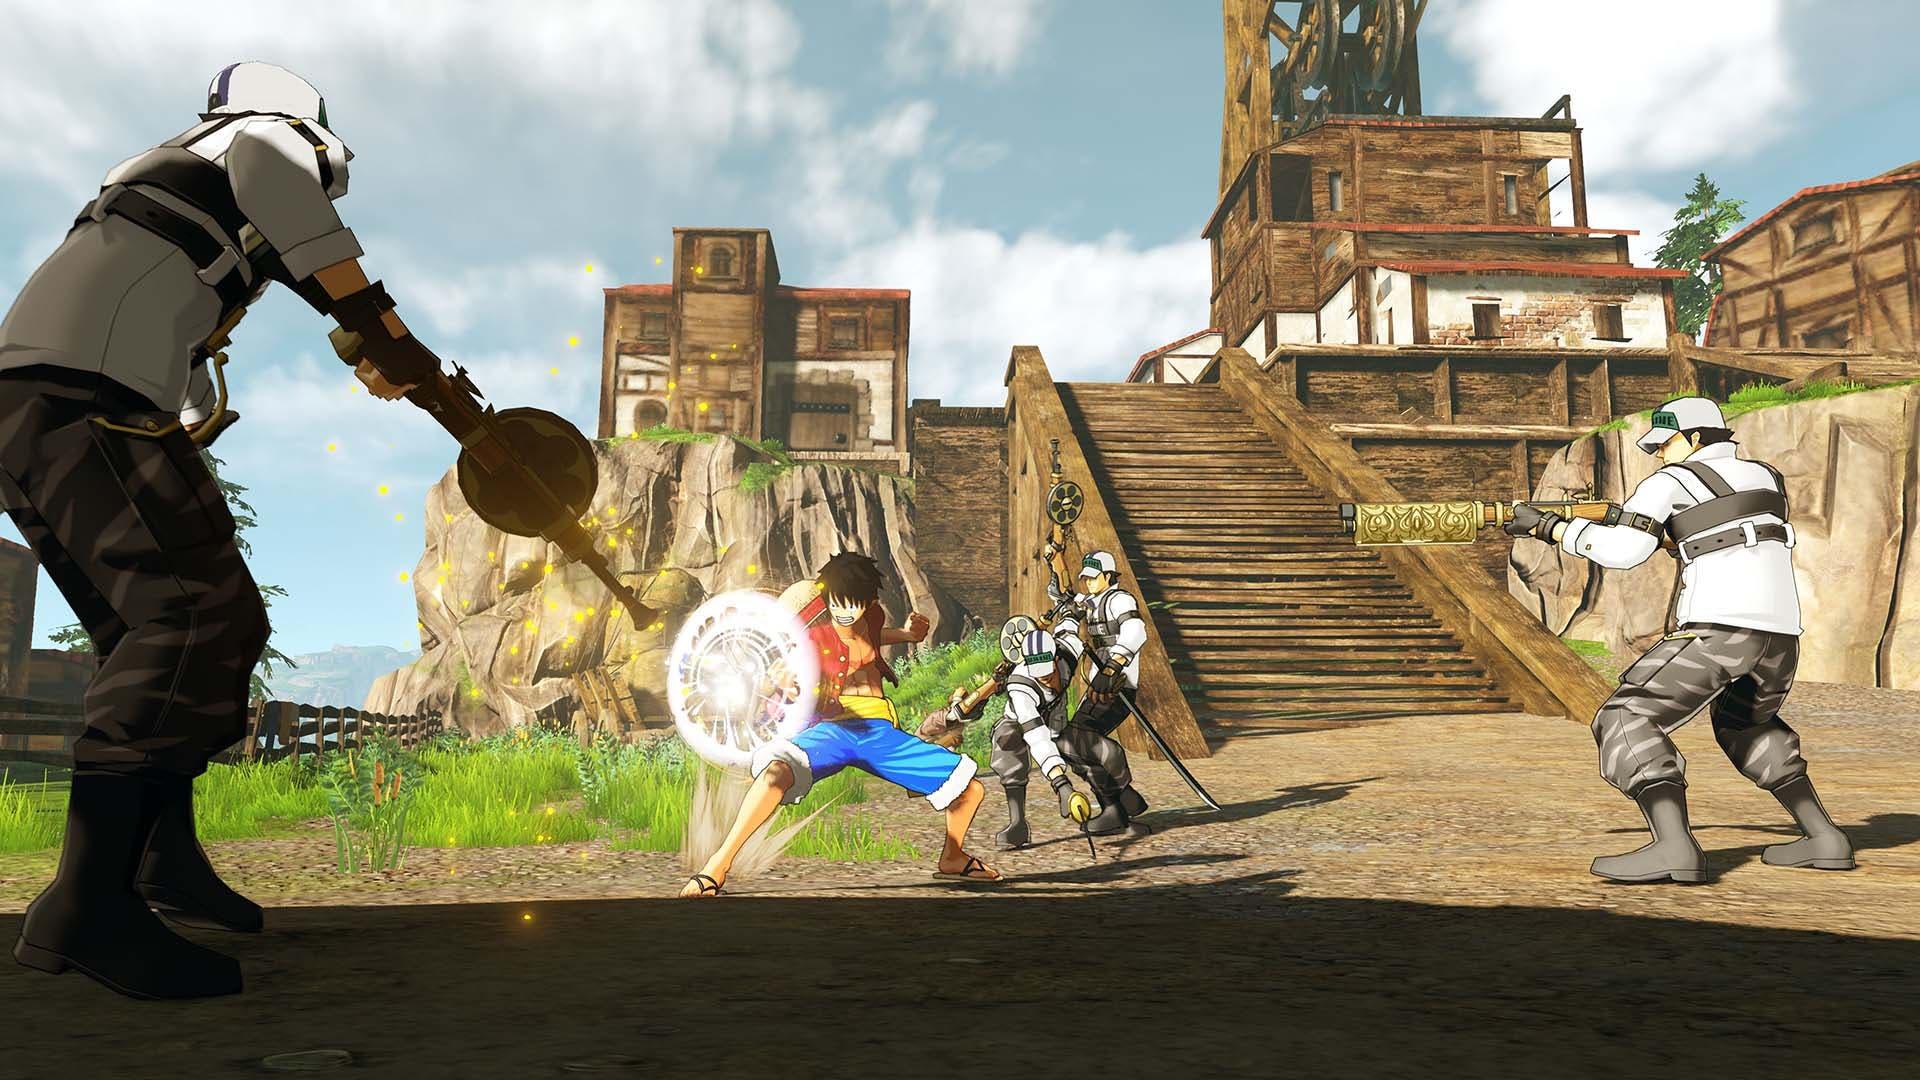 Presentado el primer DLC de One Piece: World Seeker con Zoro como protagonista